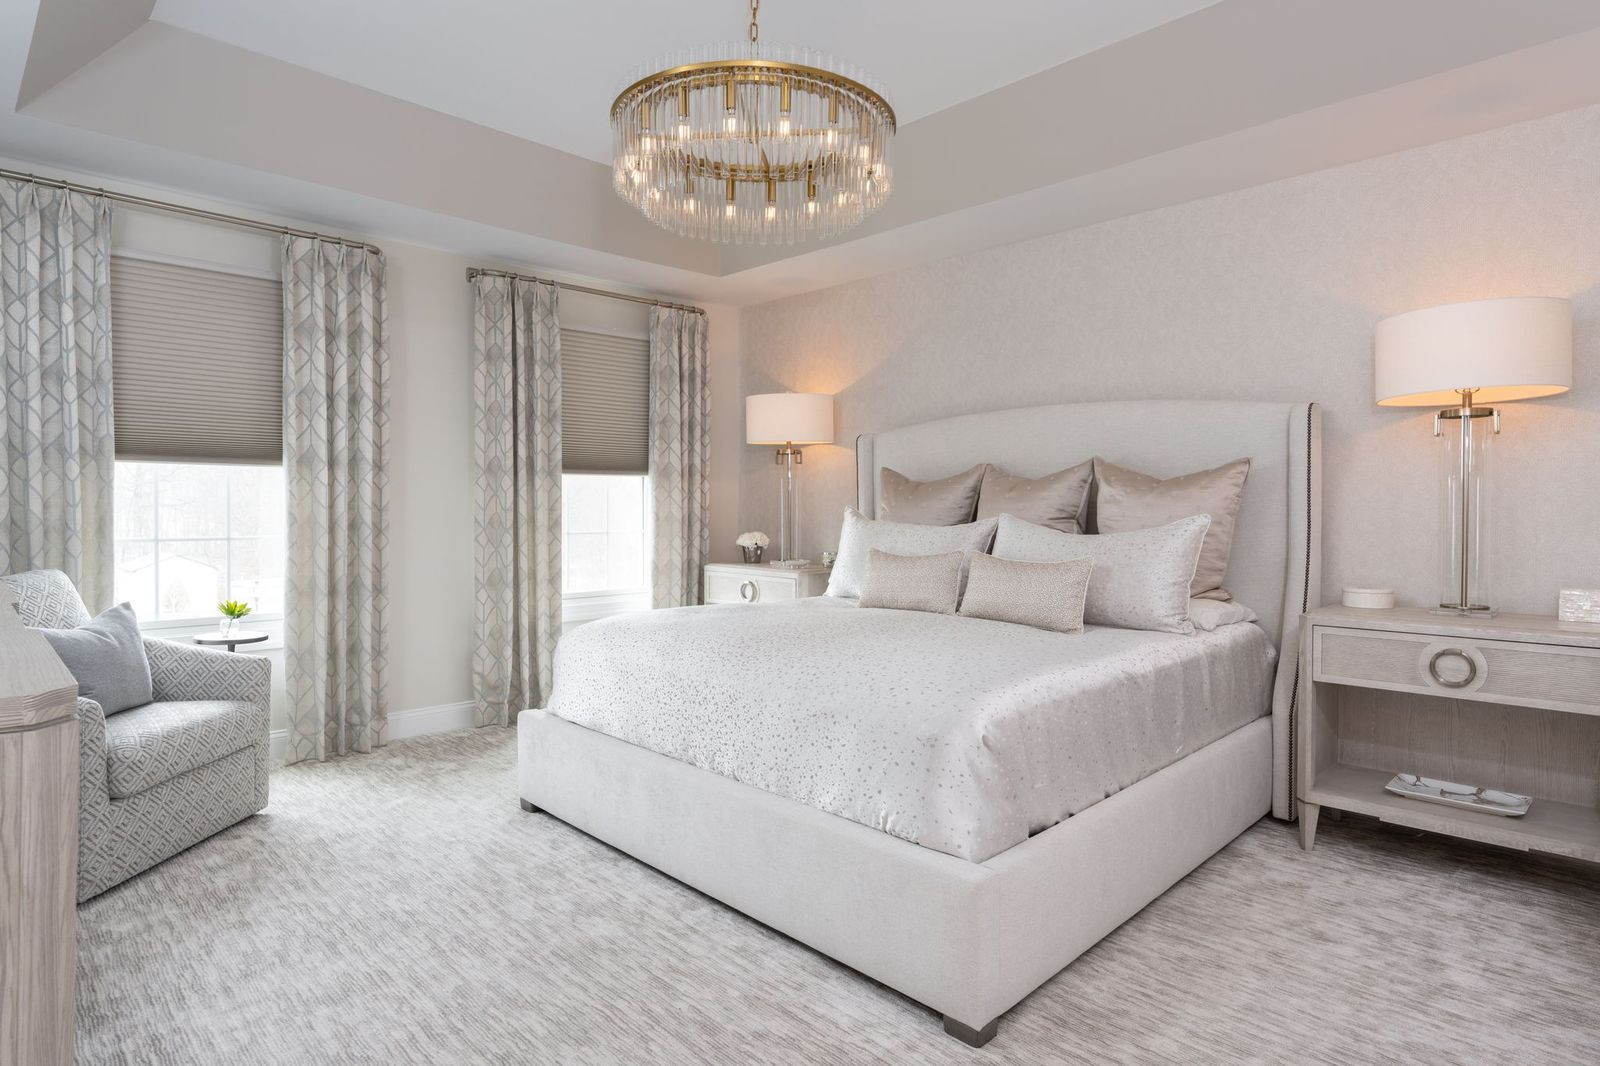 Lower Gwyneed, PA: Luxury Master Bedroom